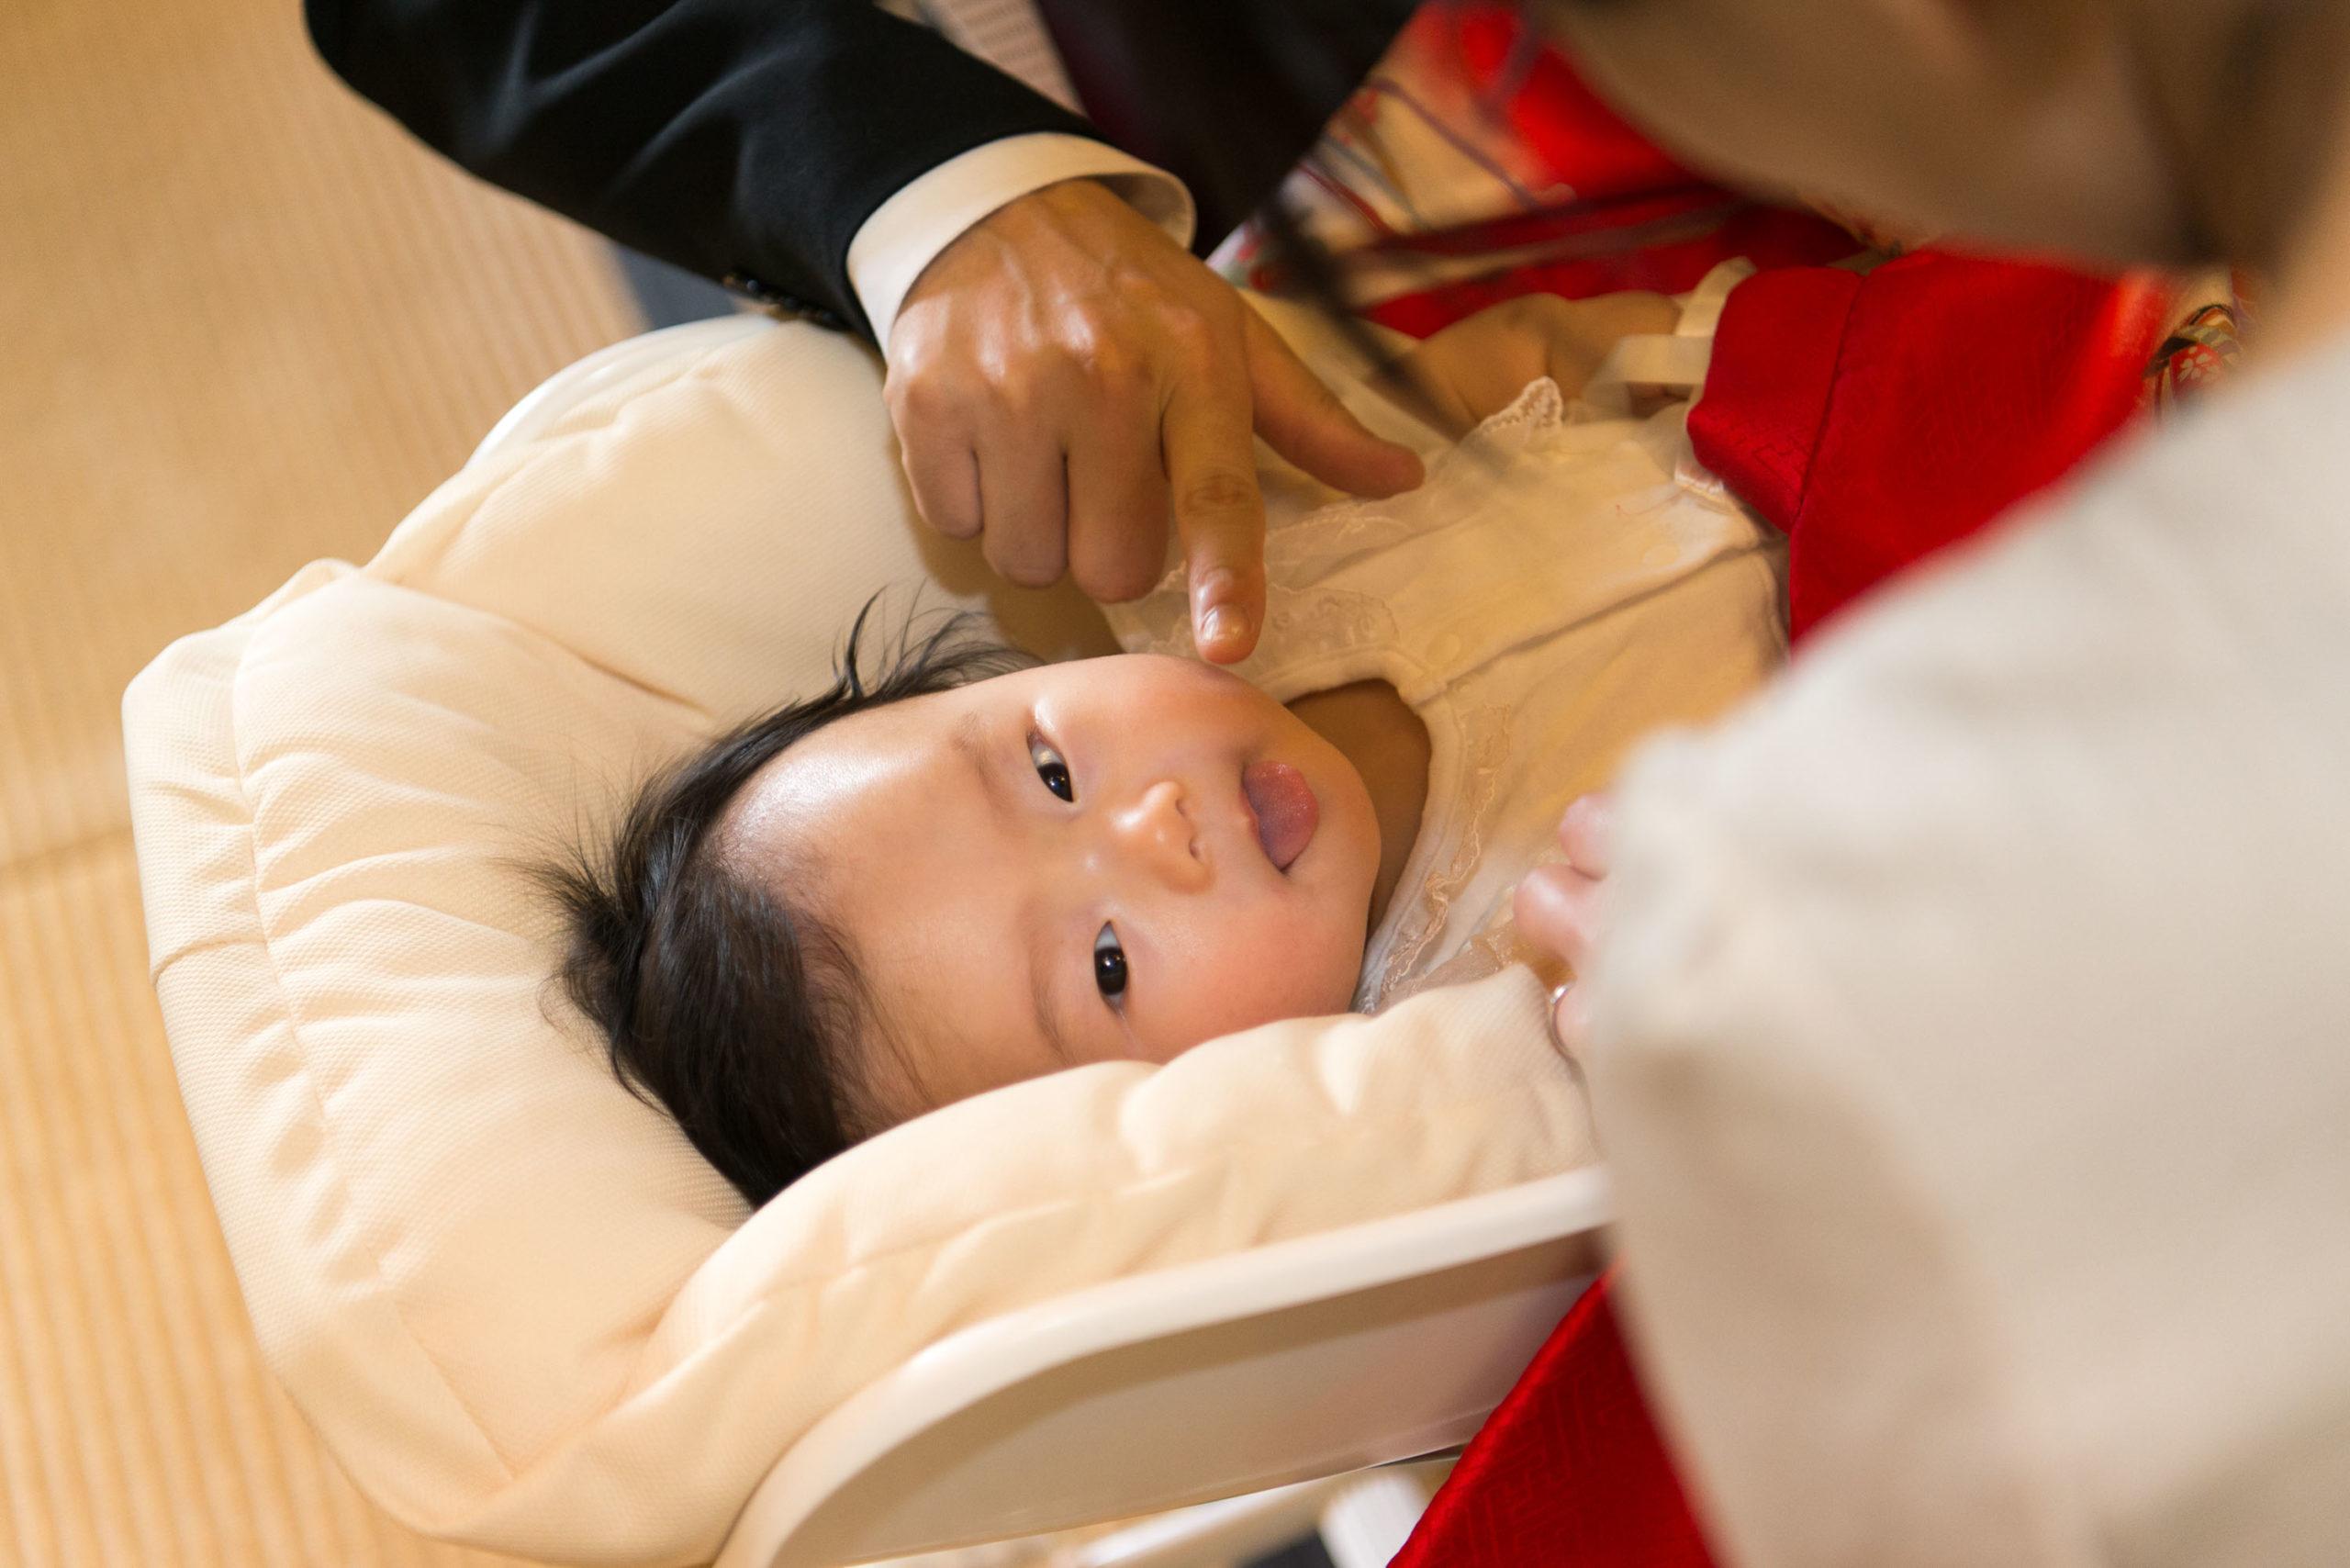 舌をペロッと出してる赤ちゃん